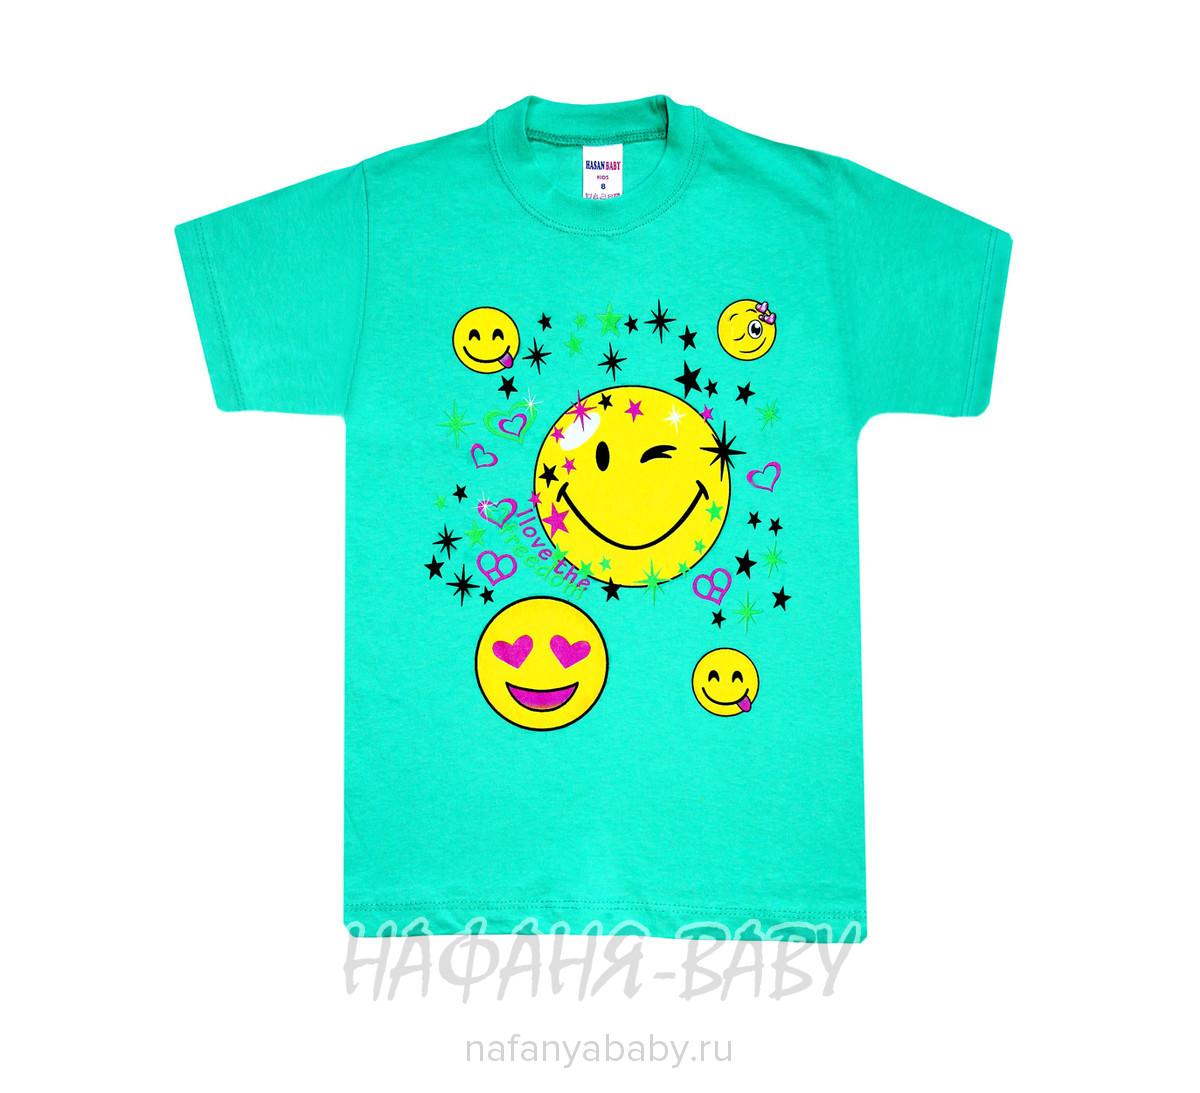 Детская футболка HASAN Bebe арт: 1339, 5-9 лет, 1-4 года, цвет розовый, оптом Турция